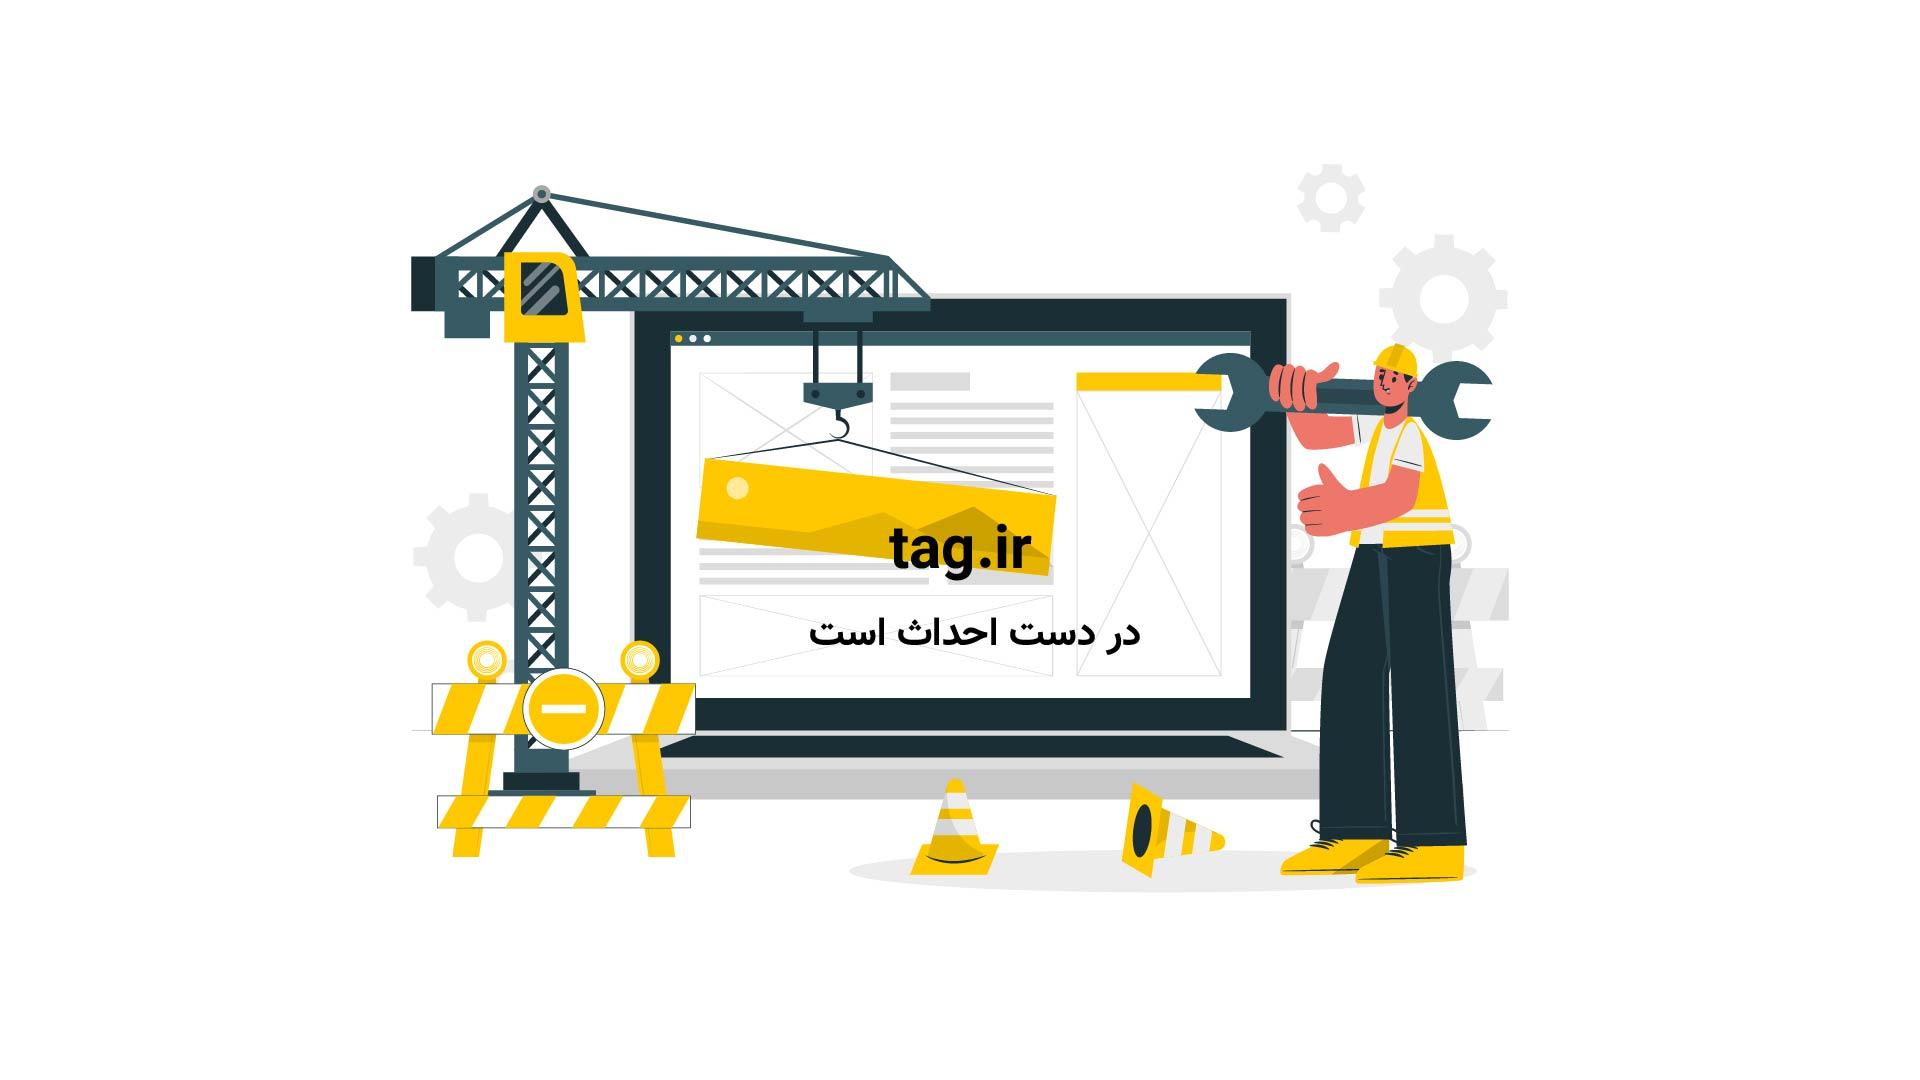 استندآپ کمدی مهران مدیری در رابطه با محیط زیست | فیلم